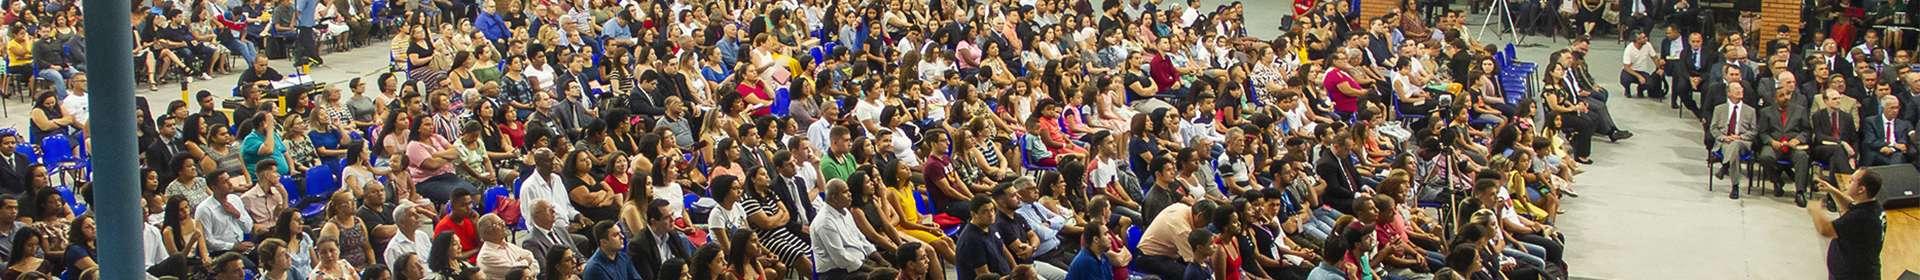 Reinauguração do Maanaim de São Paulo: local volta a comportar eventos da Igreja Cristã Maranata